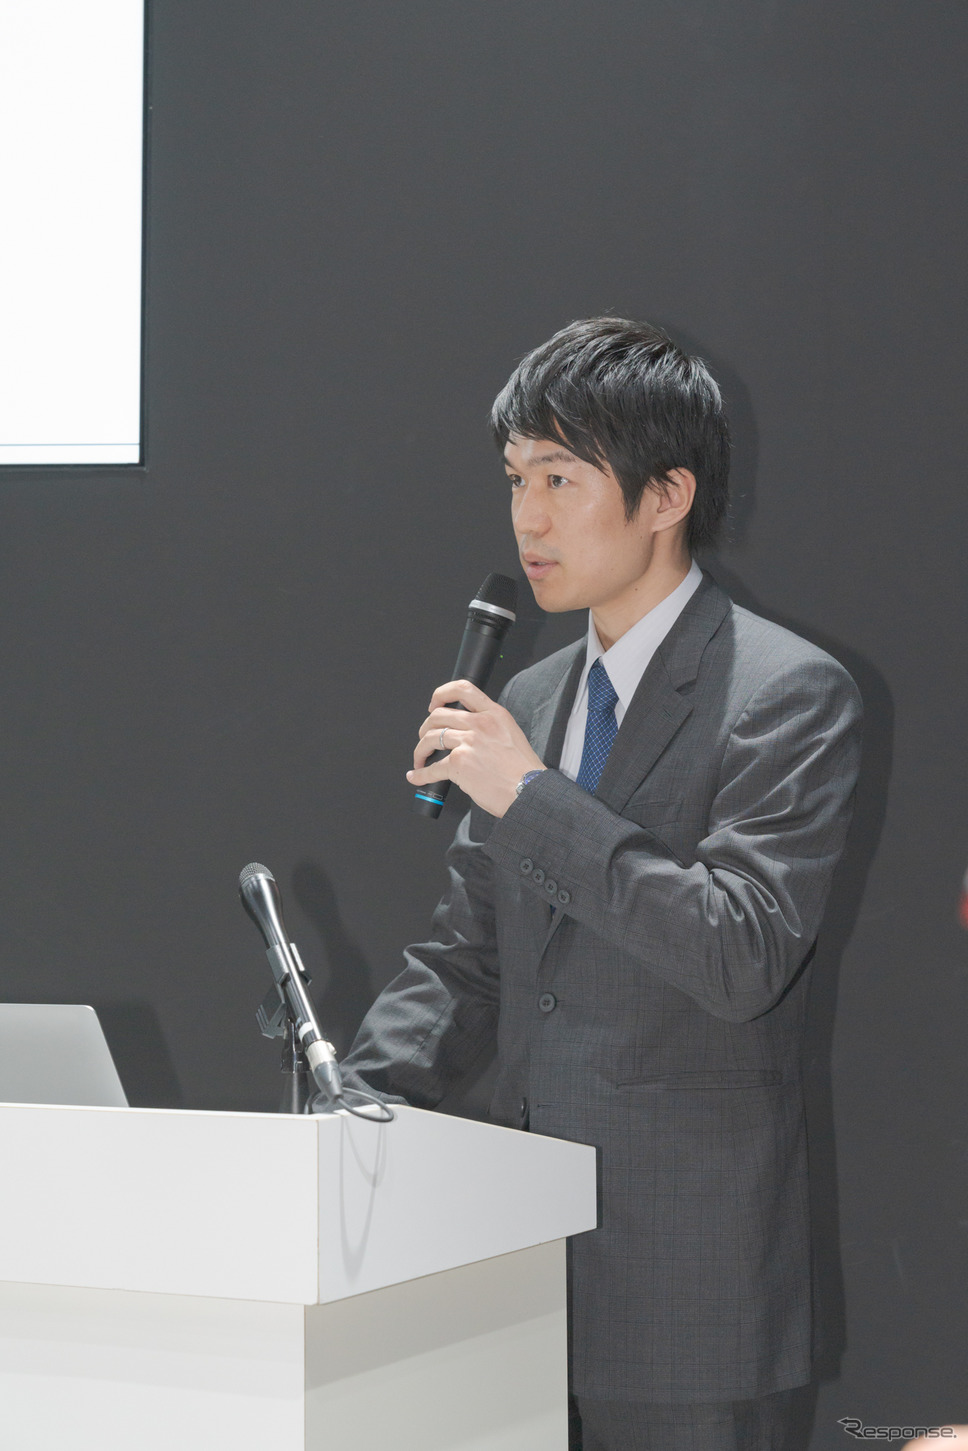 スカパーJSAT株式会社宇宙事業部門事業推進部フリートチームアシスタントマネージャー・古屋弘信氏は、ビデオ映像を交えて衛星通信の解説を行った。《撮影 関口敬文》